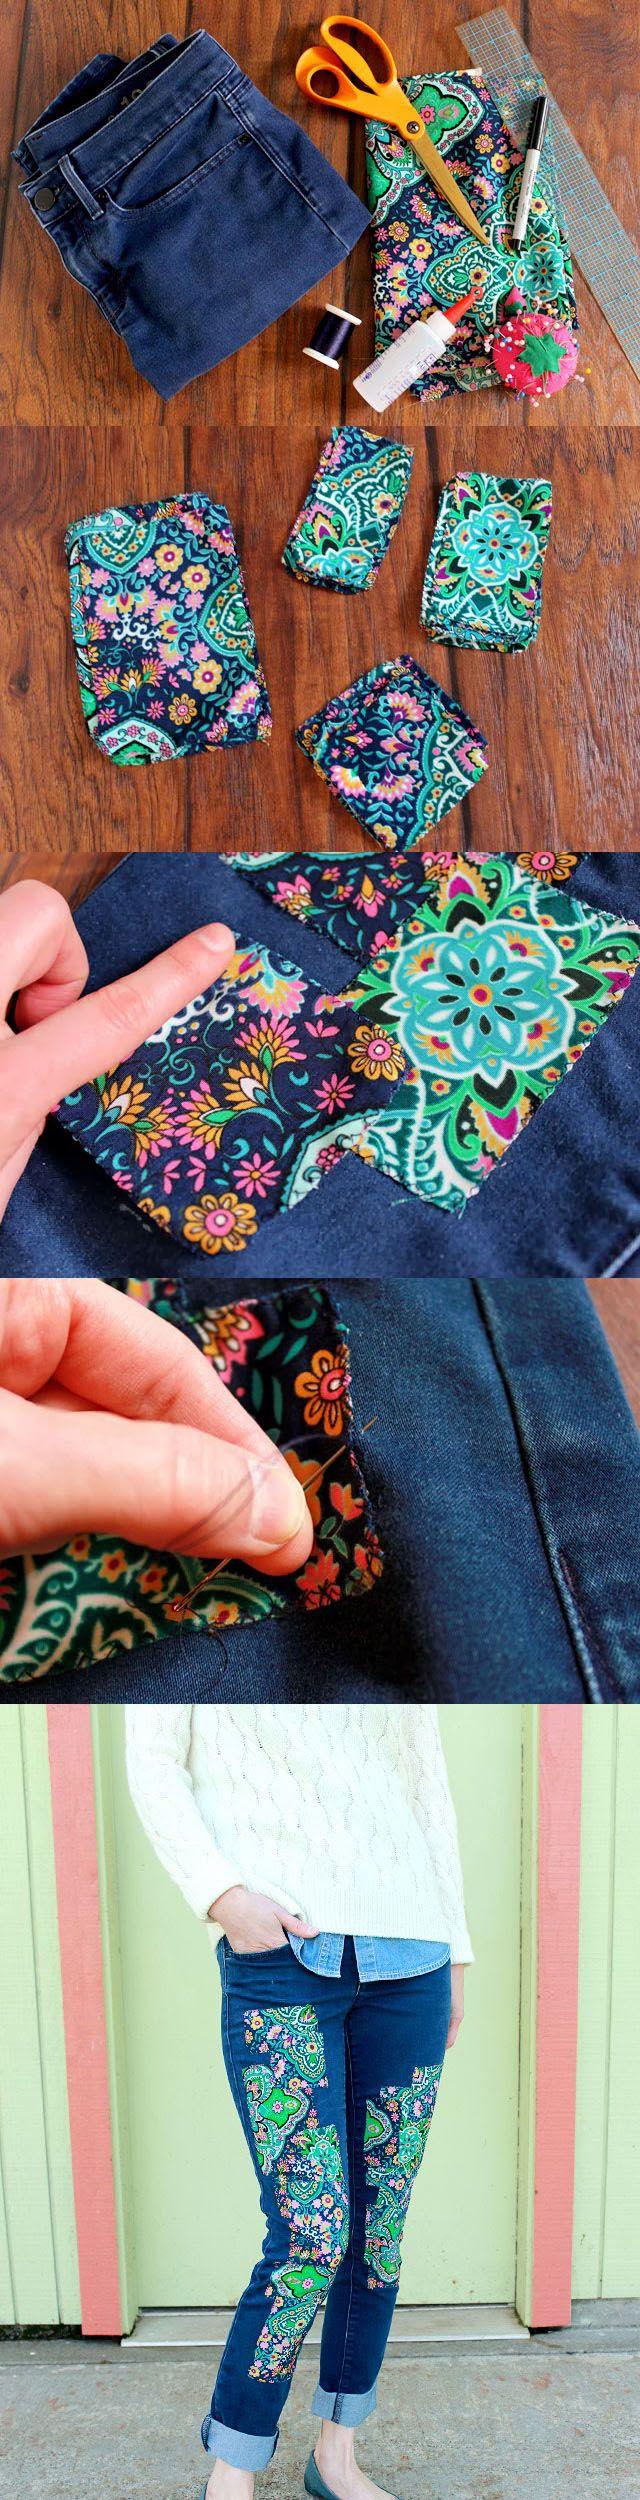 diy designed jeans